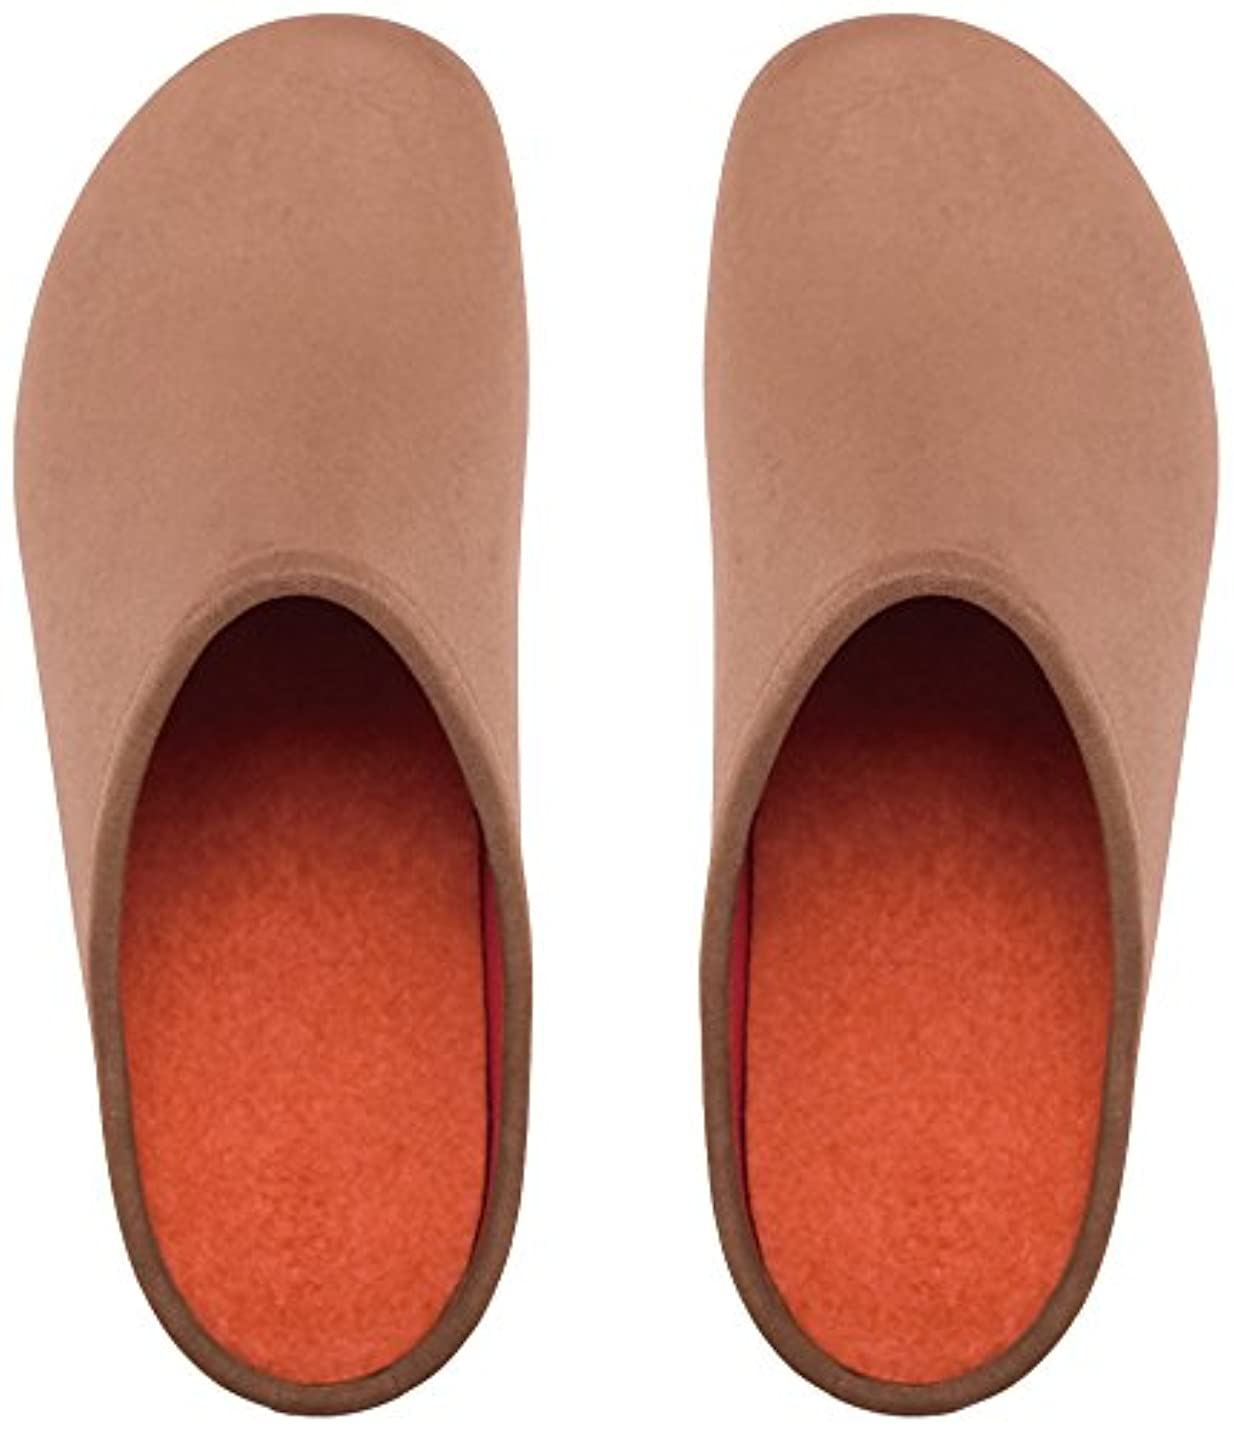 才能請求書比較的プレミアムルームシューズ「フットローブ ピエモンテ / footrobe Piemonte」プレーン(マロングラッセ)+フェルトインソール(オレンジ)セット女性用 22.0cm